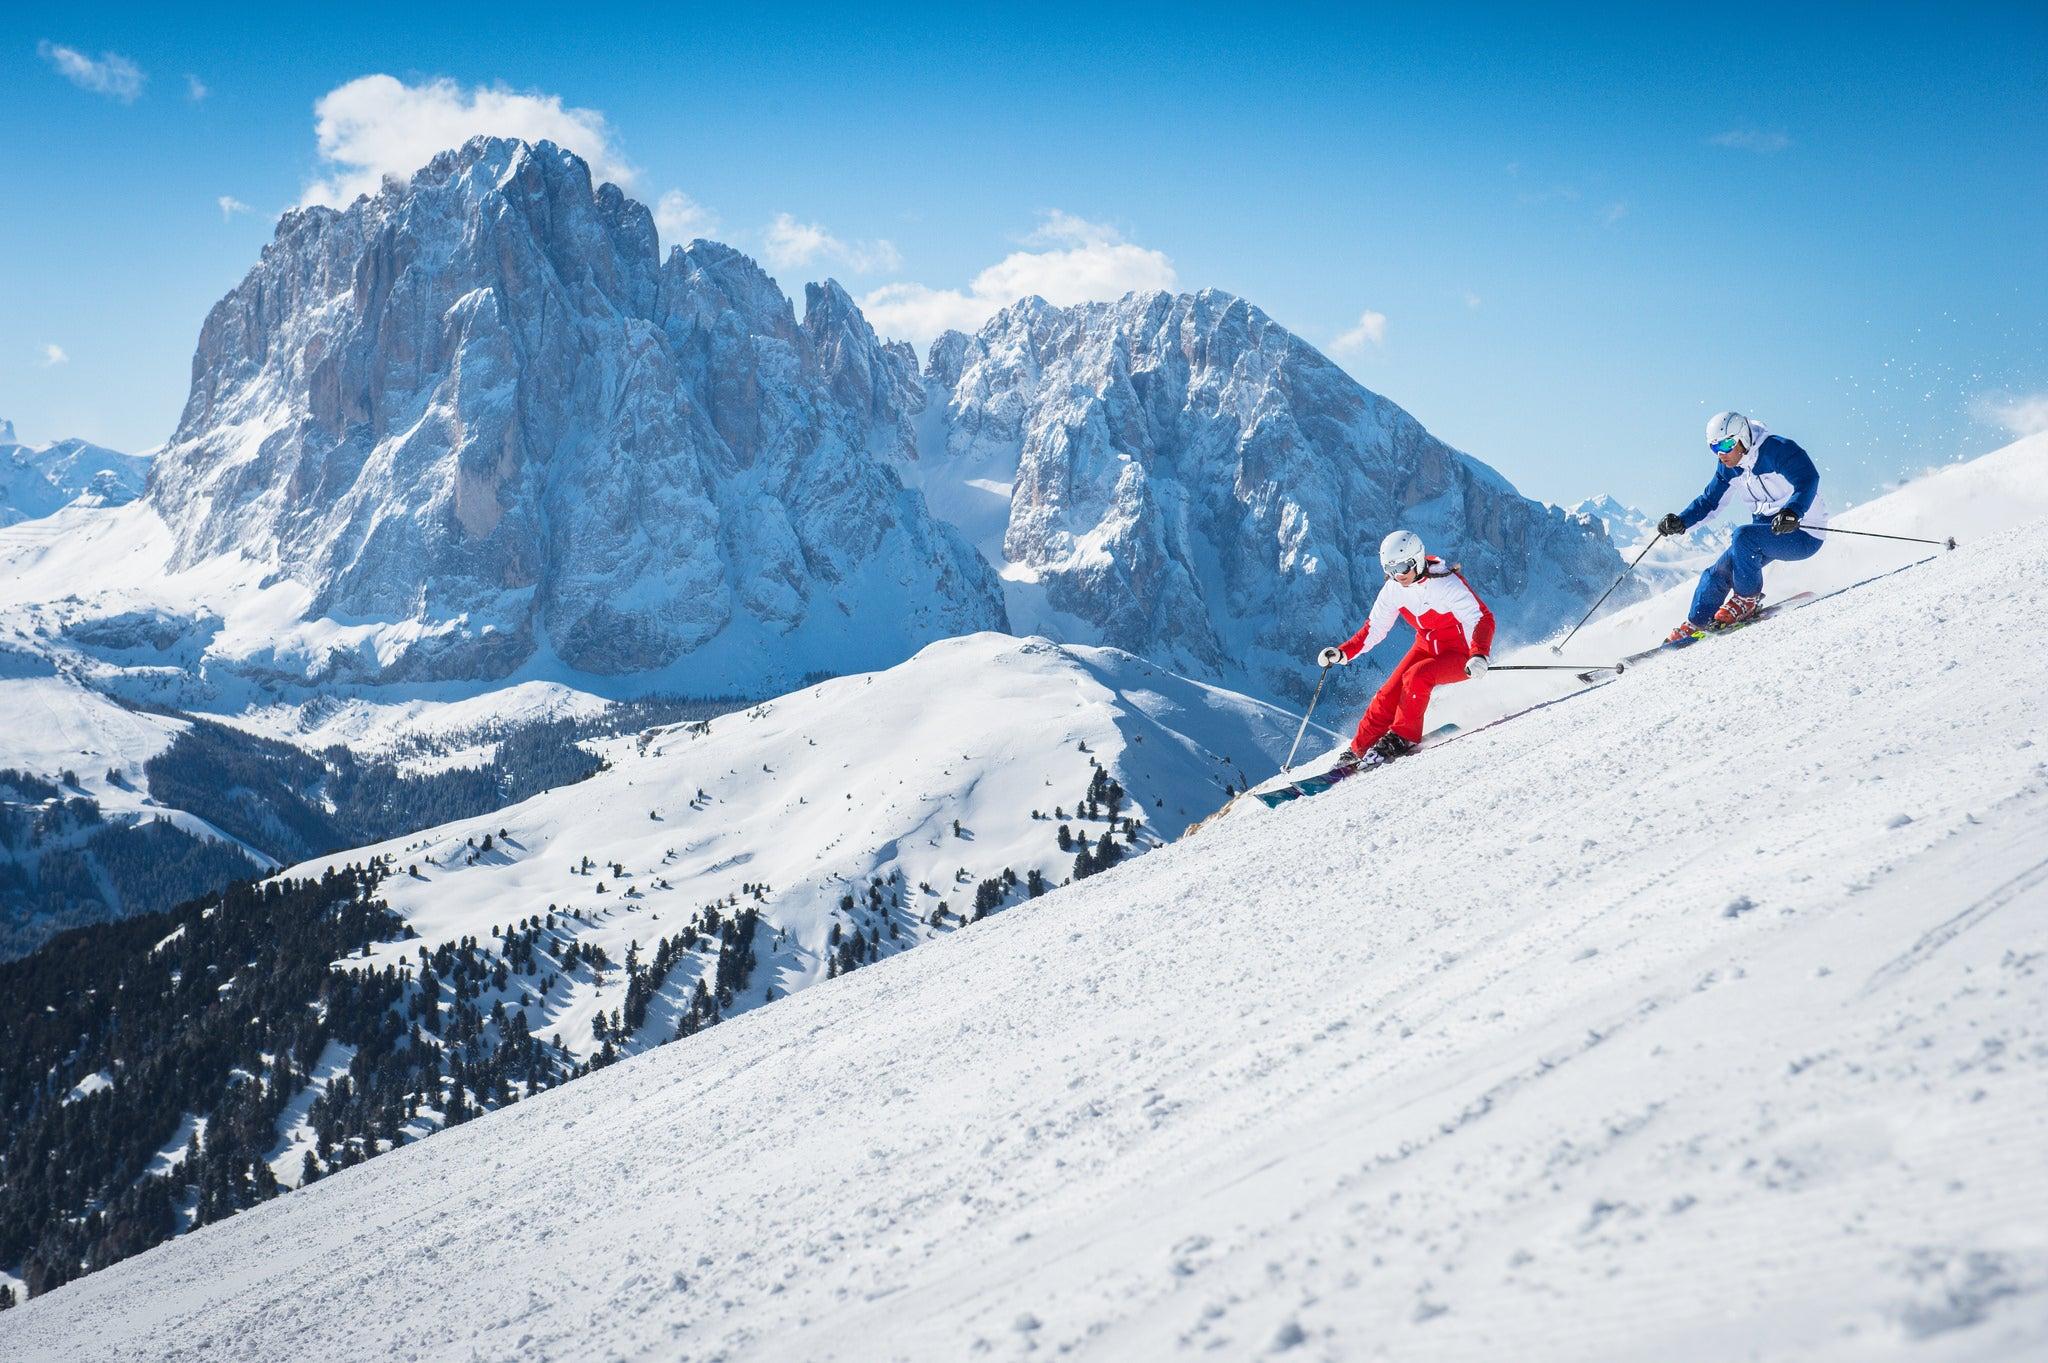 Dolomiti Superski, una de las estaciones de esquí más grandes